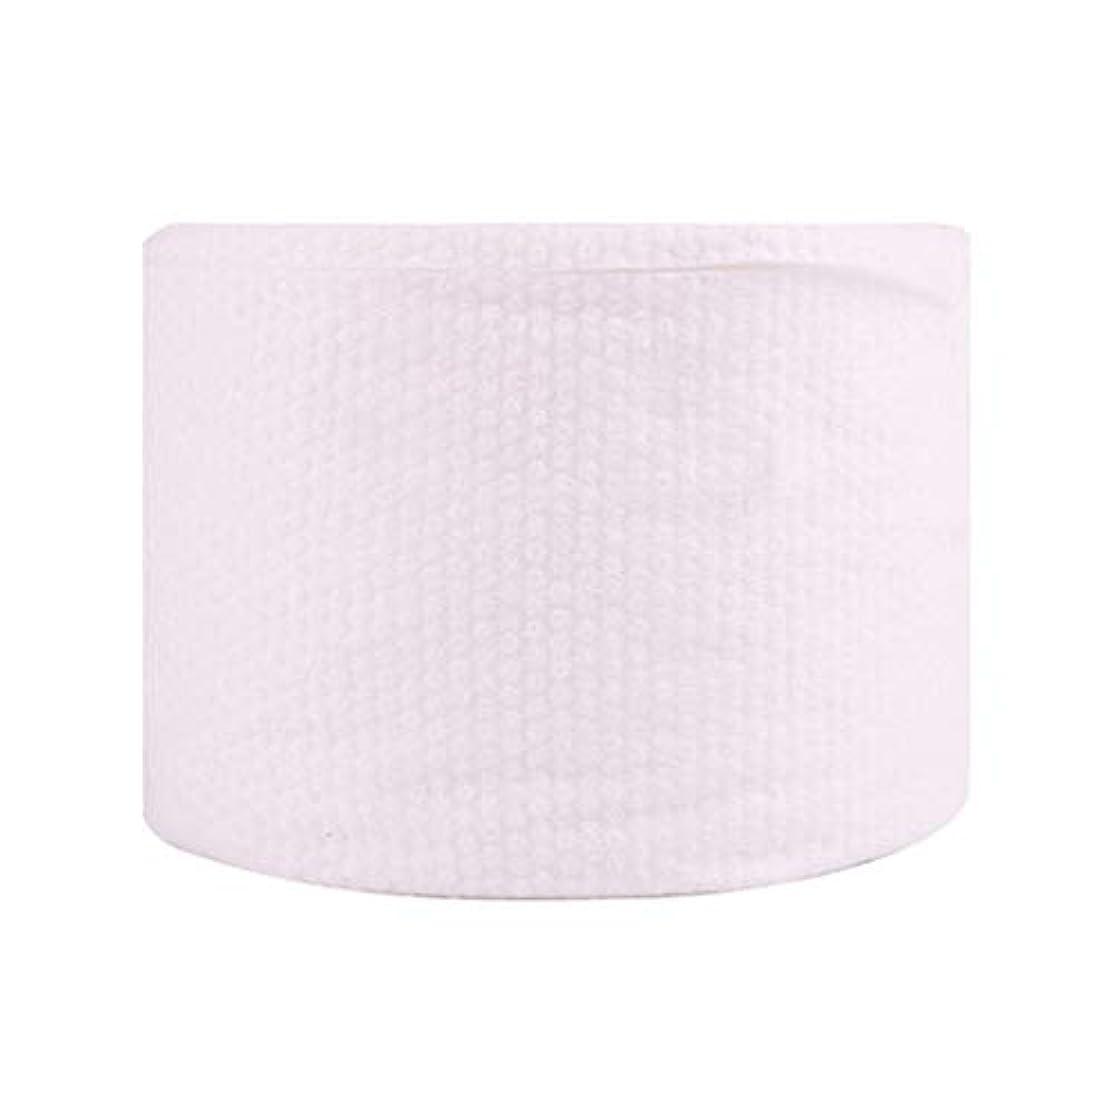 典型的な分析的独立してSODIAL 使い捨てフェイスタオル化粧拭き取り綿パッド メイク落としパッド ソフトパッド化粧品 フェイスマスククレンジングケアフェイシャルナプキン